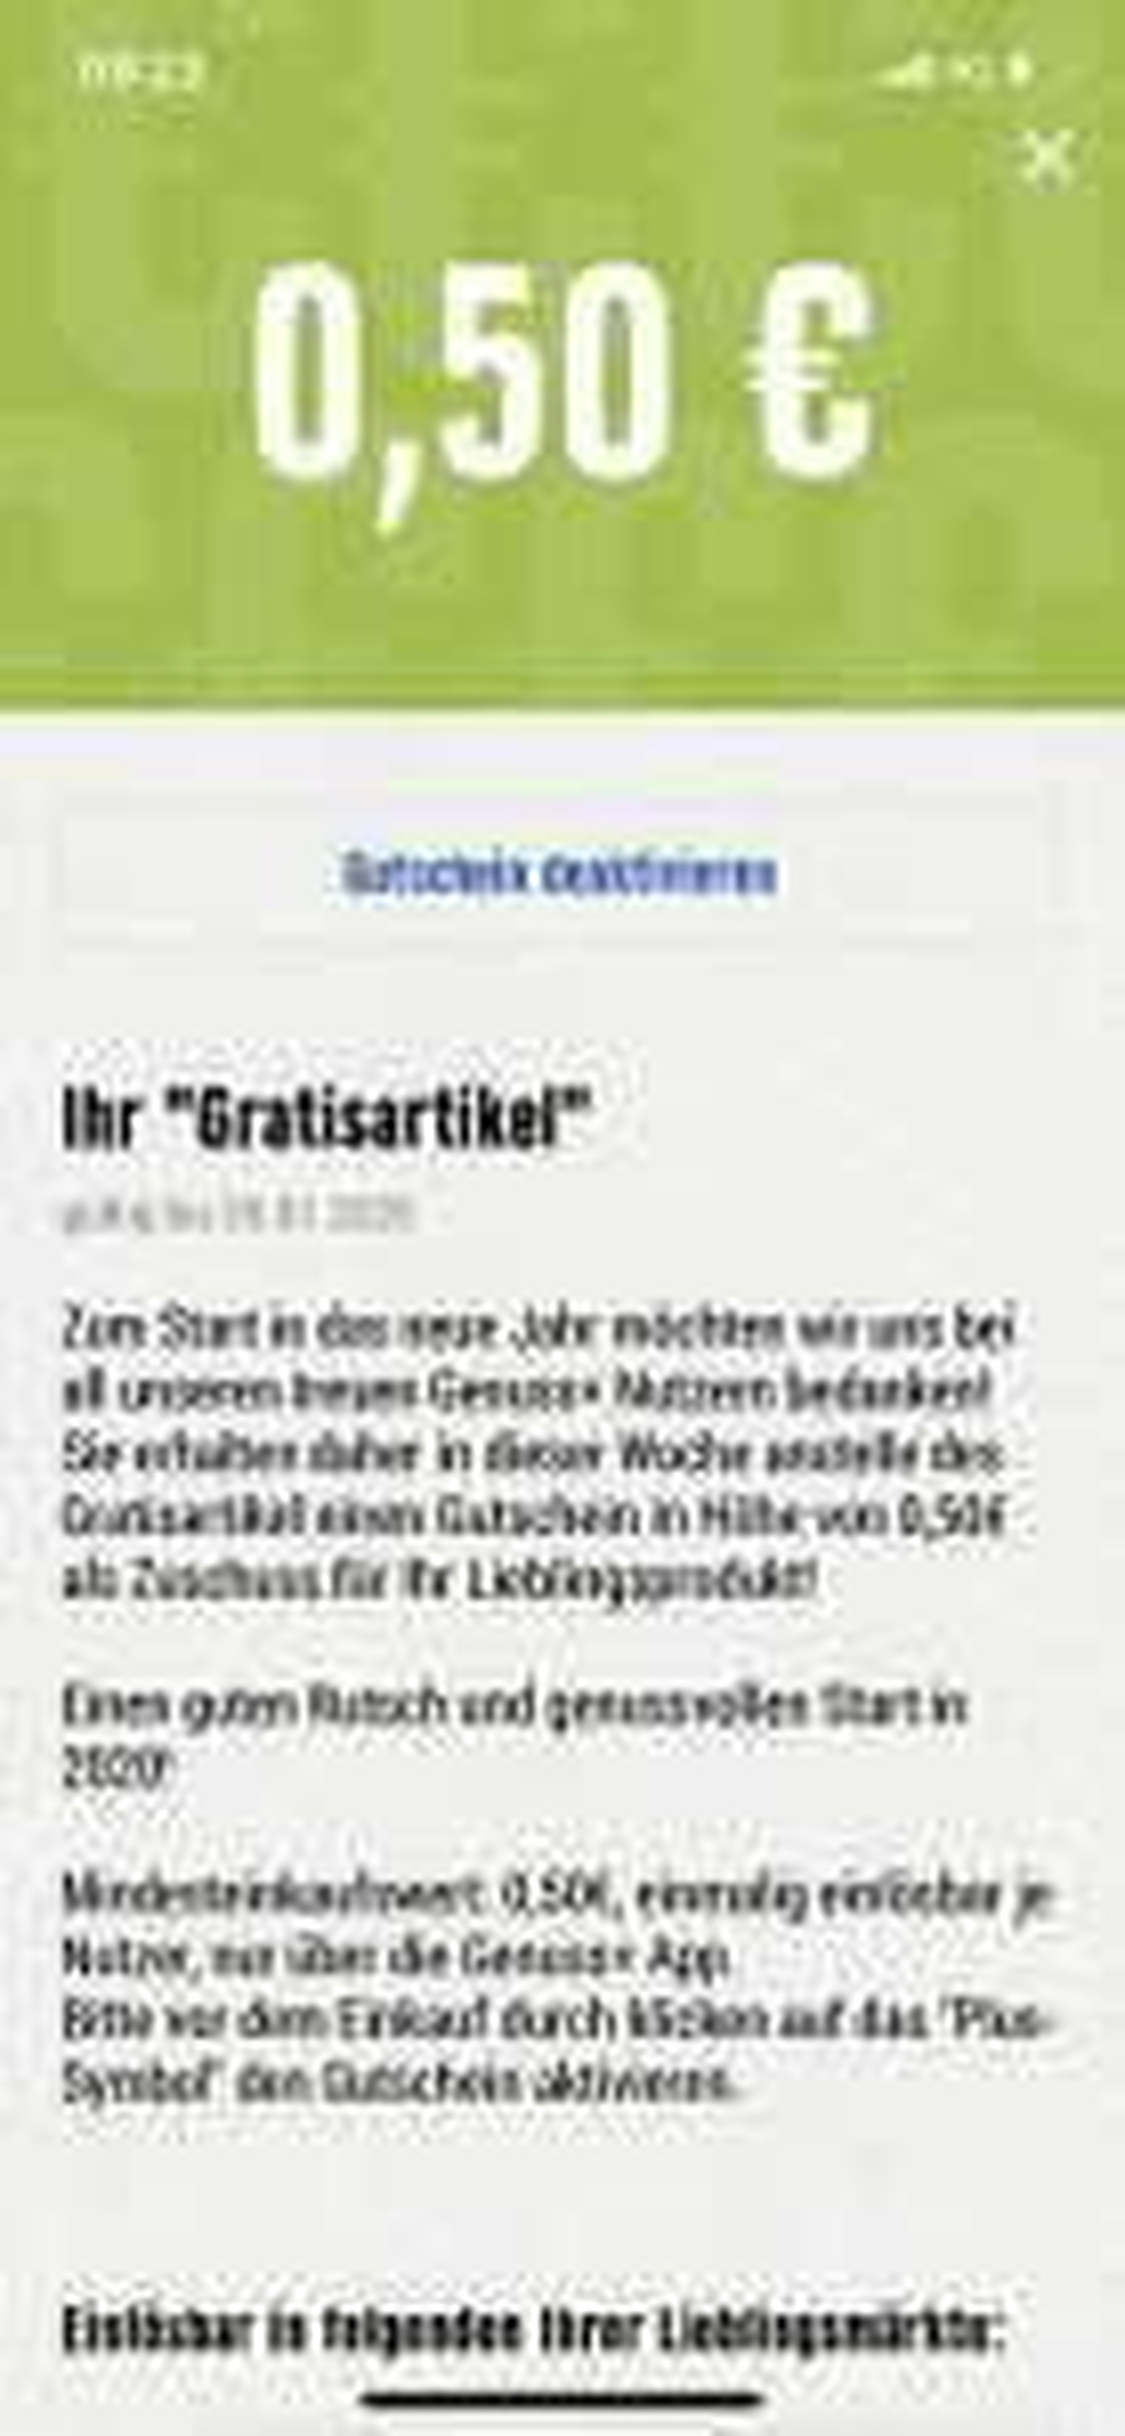 EDEKA Genuss+App 0,50€ Gutschein (Lokal NRW)